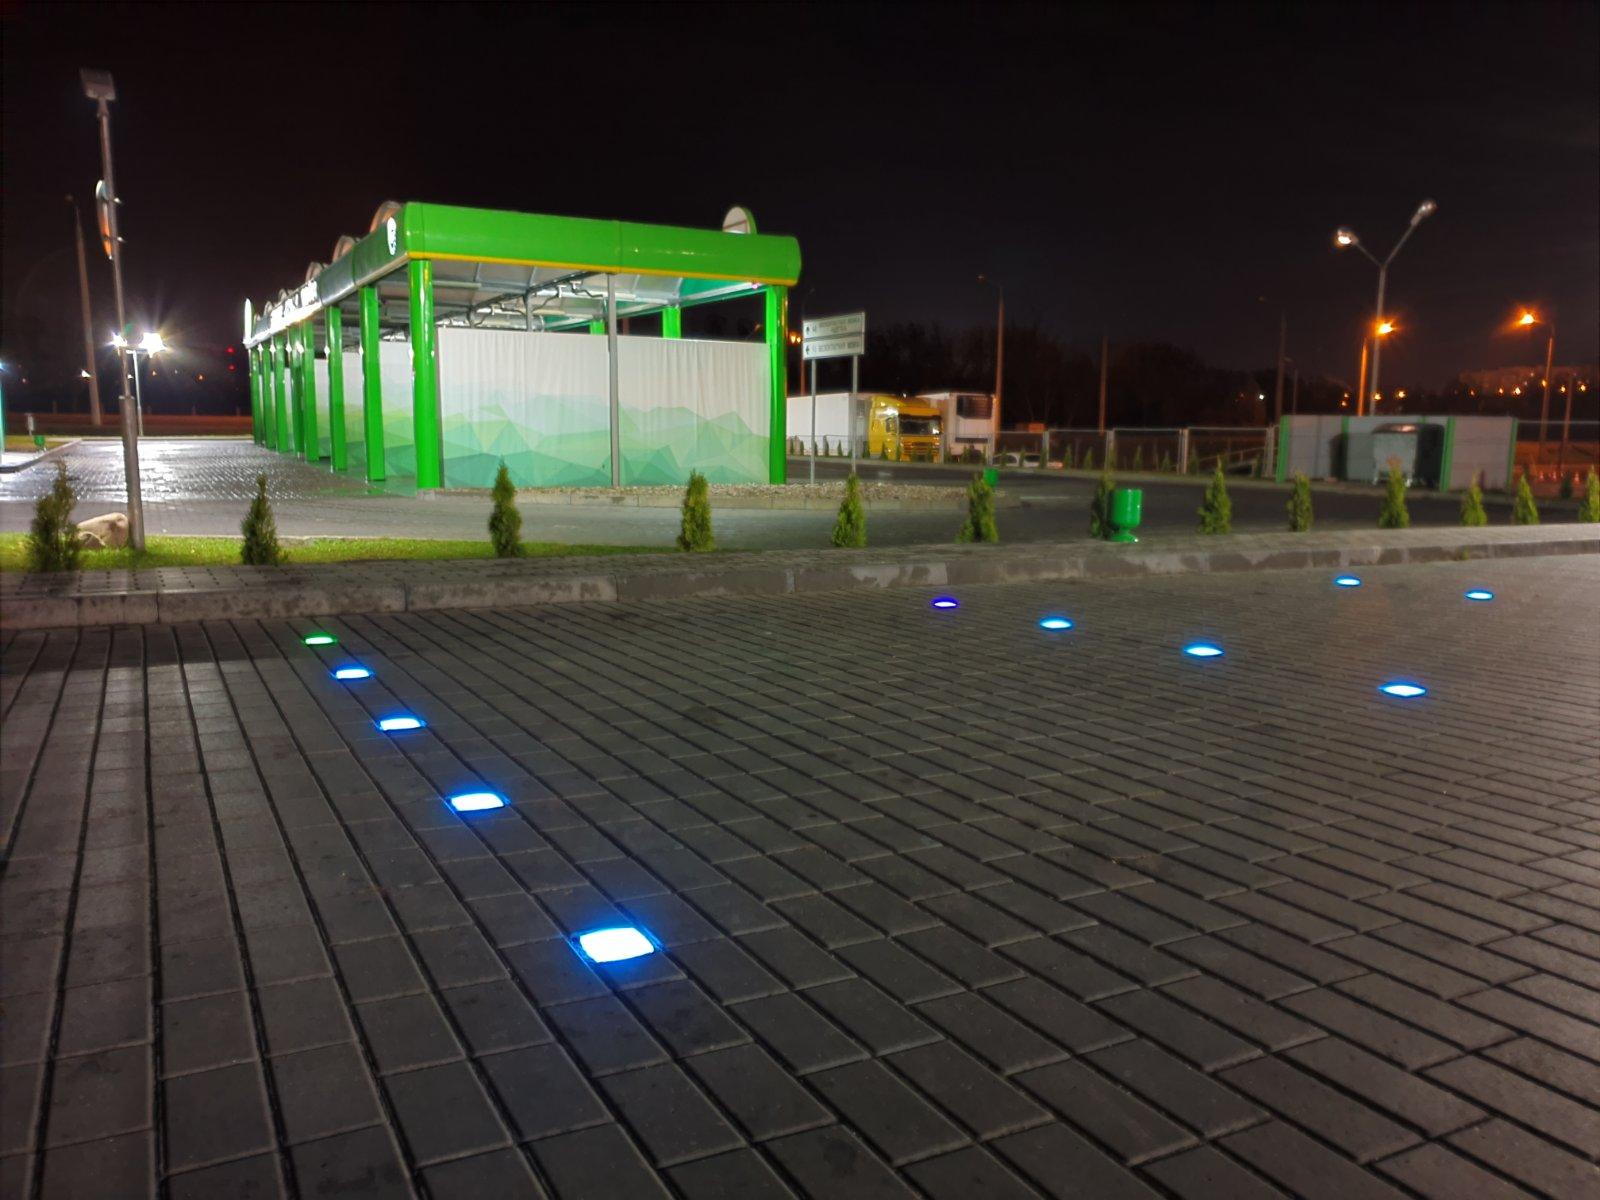 Впервые в Гродно заработала парковка со светящейся разметкой